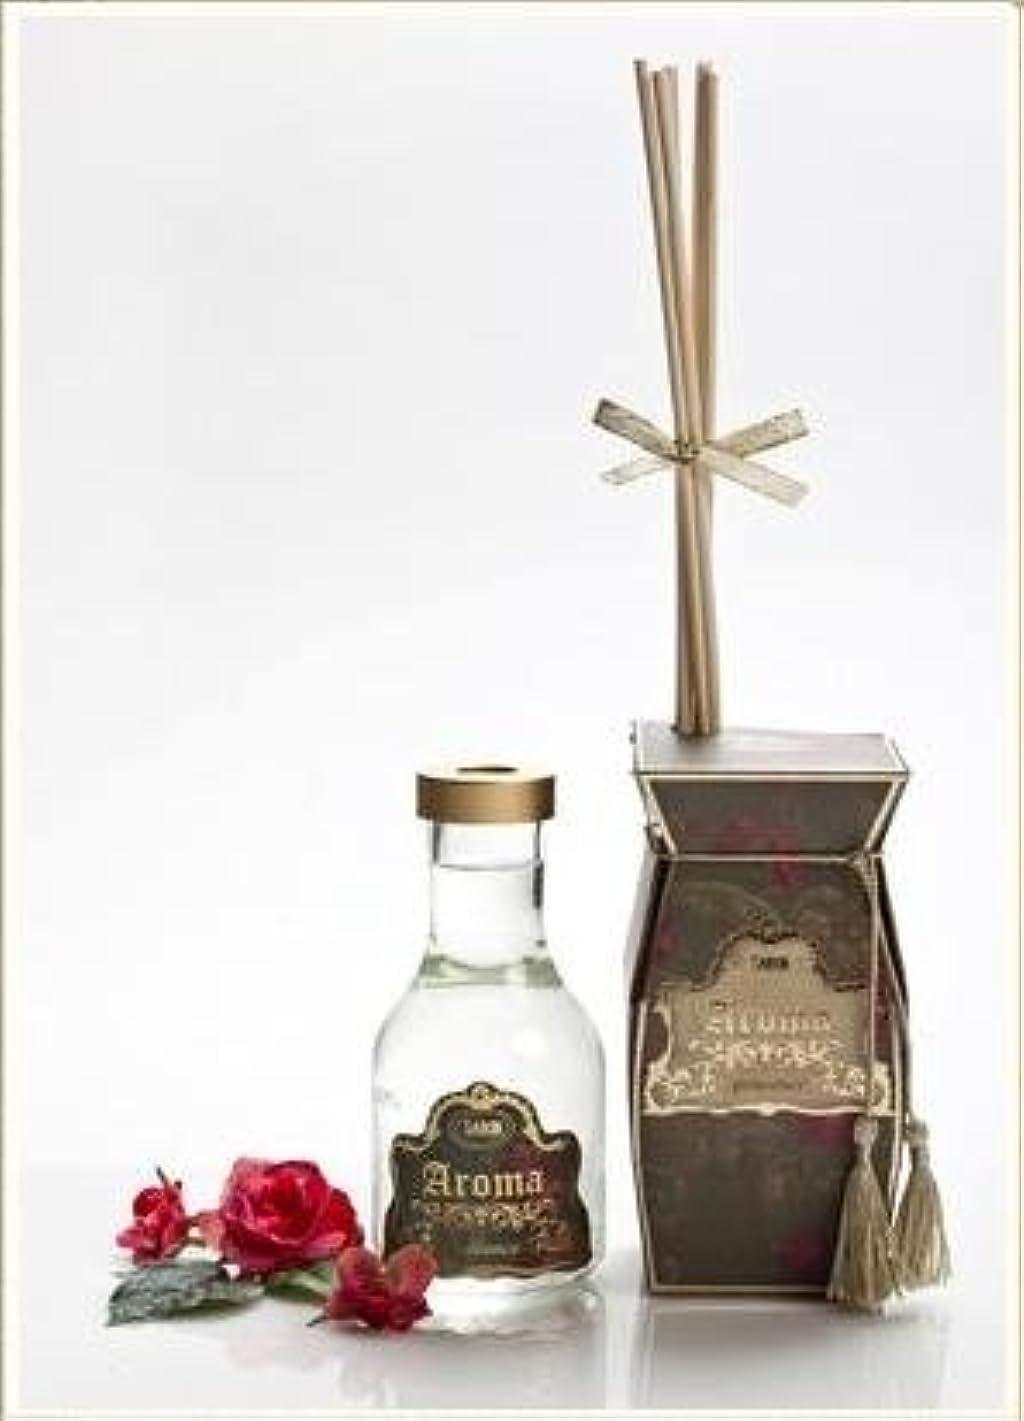 靴下キャンベラフックSABON Aroma Reed Diffuser アロマ ルーム フレグランス【プロヴァンス(ラベンダー)Provence (Lavender)】 リードディフューザー イスラエル発 並行輸入品 海外直送